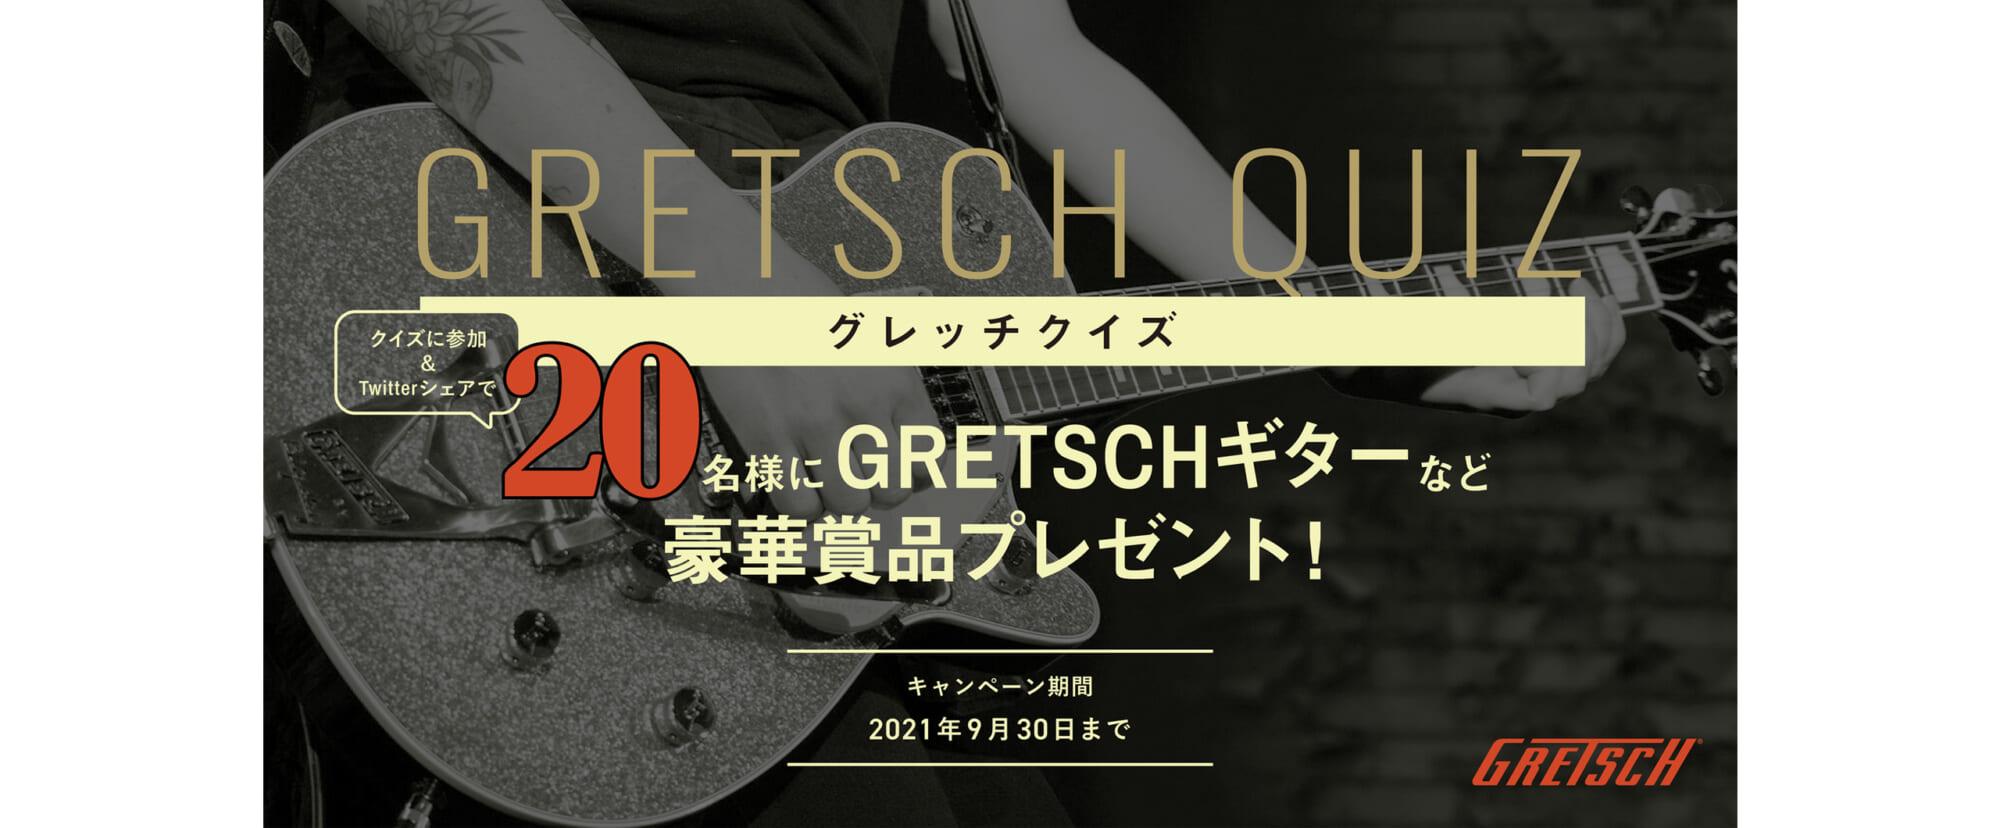 グレッチのギターやiTunesギフトカードが20名に当たるプレゼント・キャンペーン